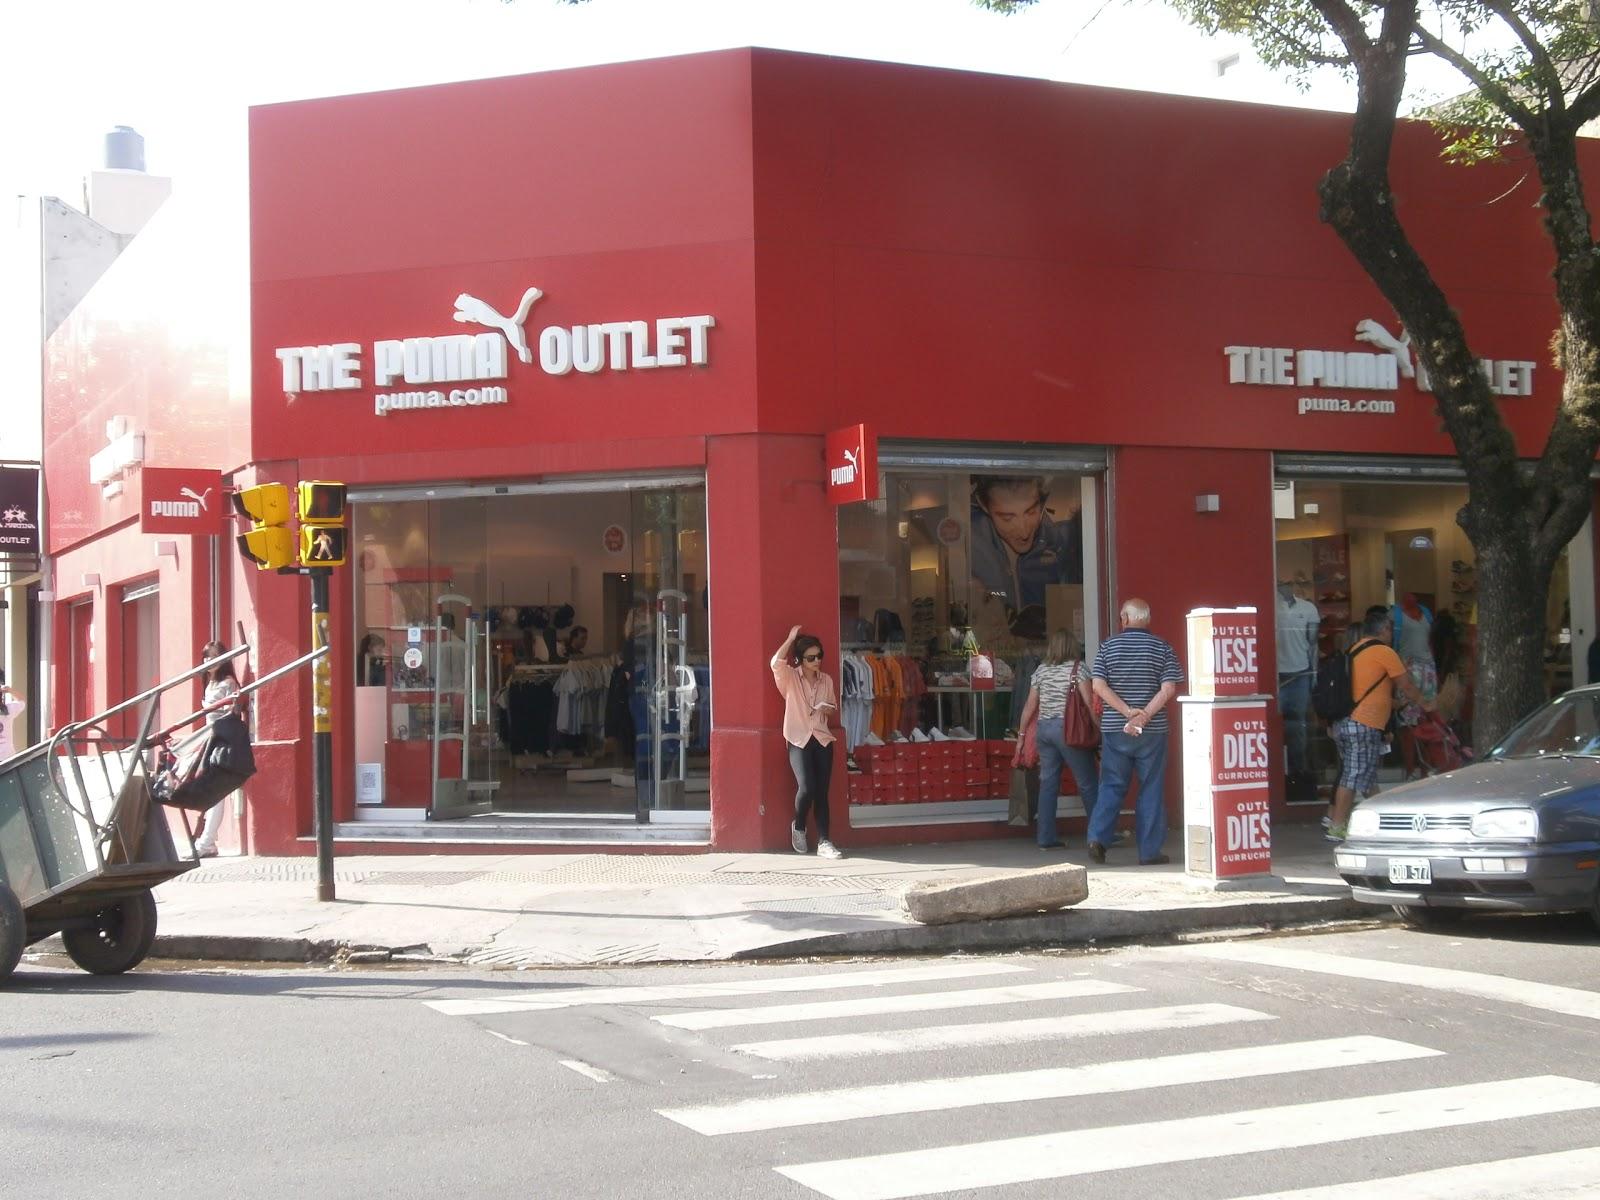 Comprimido Aclarar Instituto  Outlets en Zona de Palermo, Buenos Aires, ventas de ropas de moda: Puma,  Aguirre 801